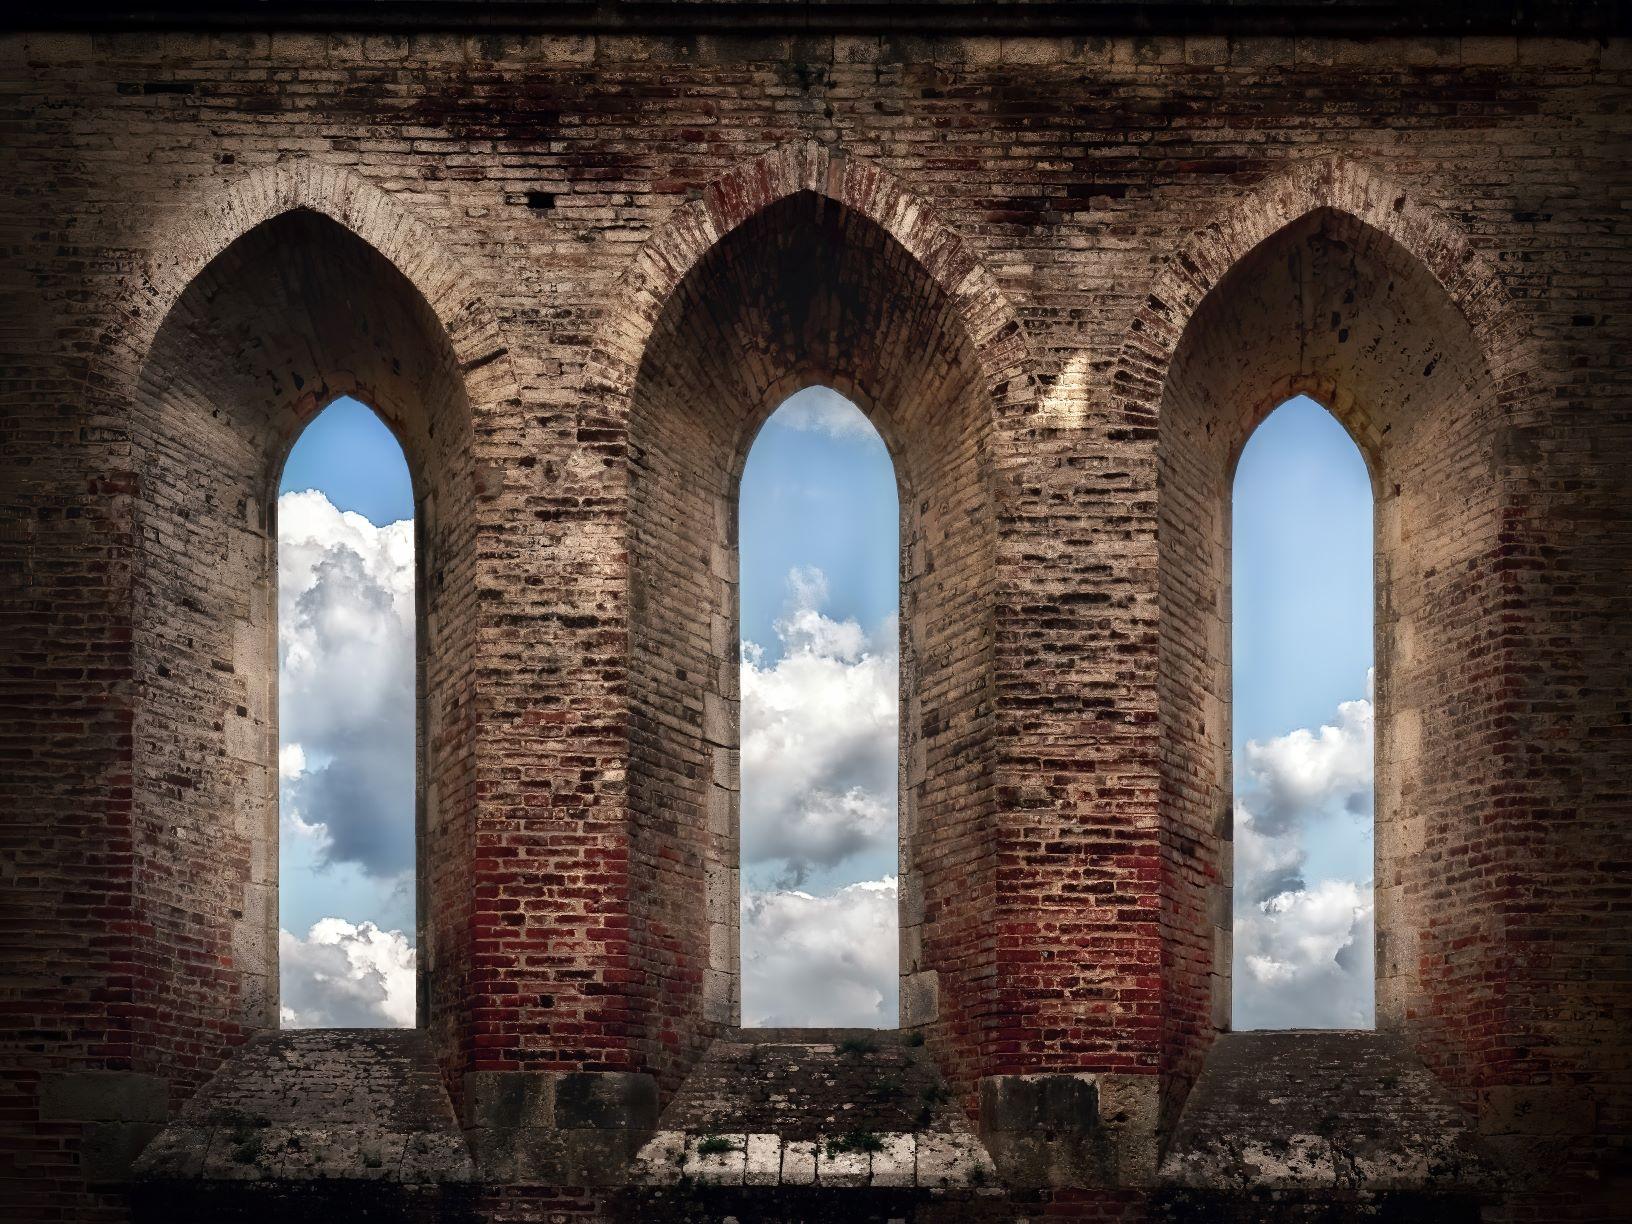 Fenster einer mittelalterlichen Burg